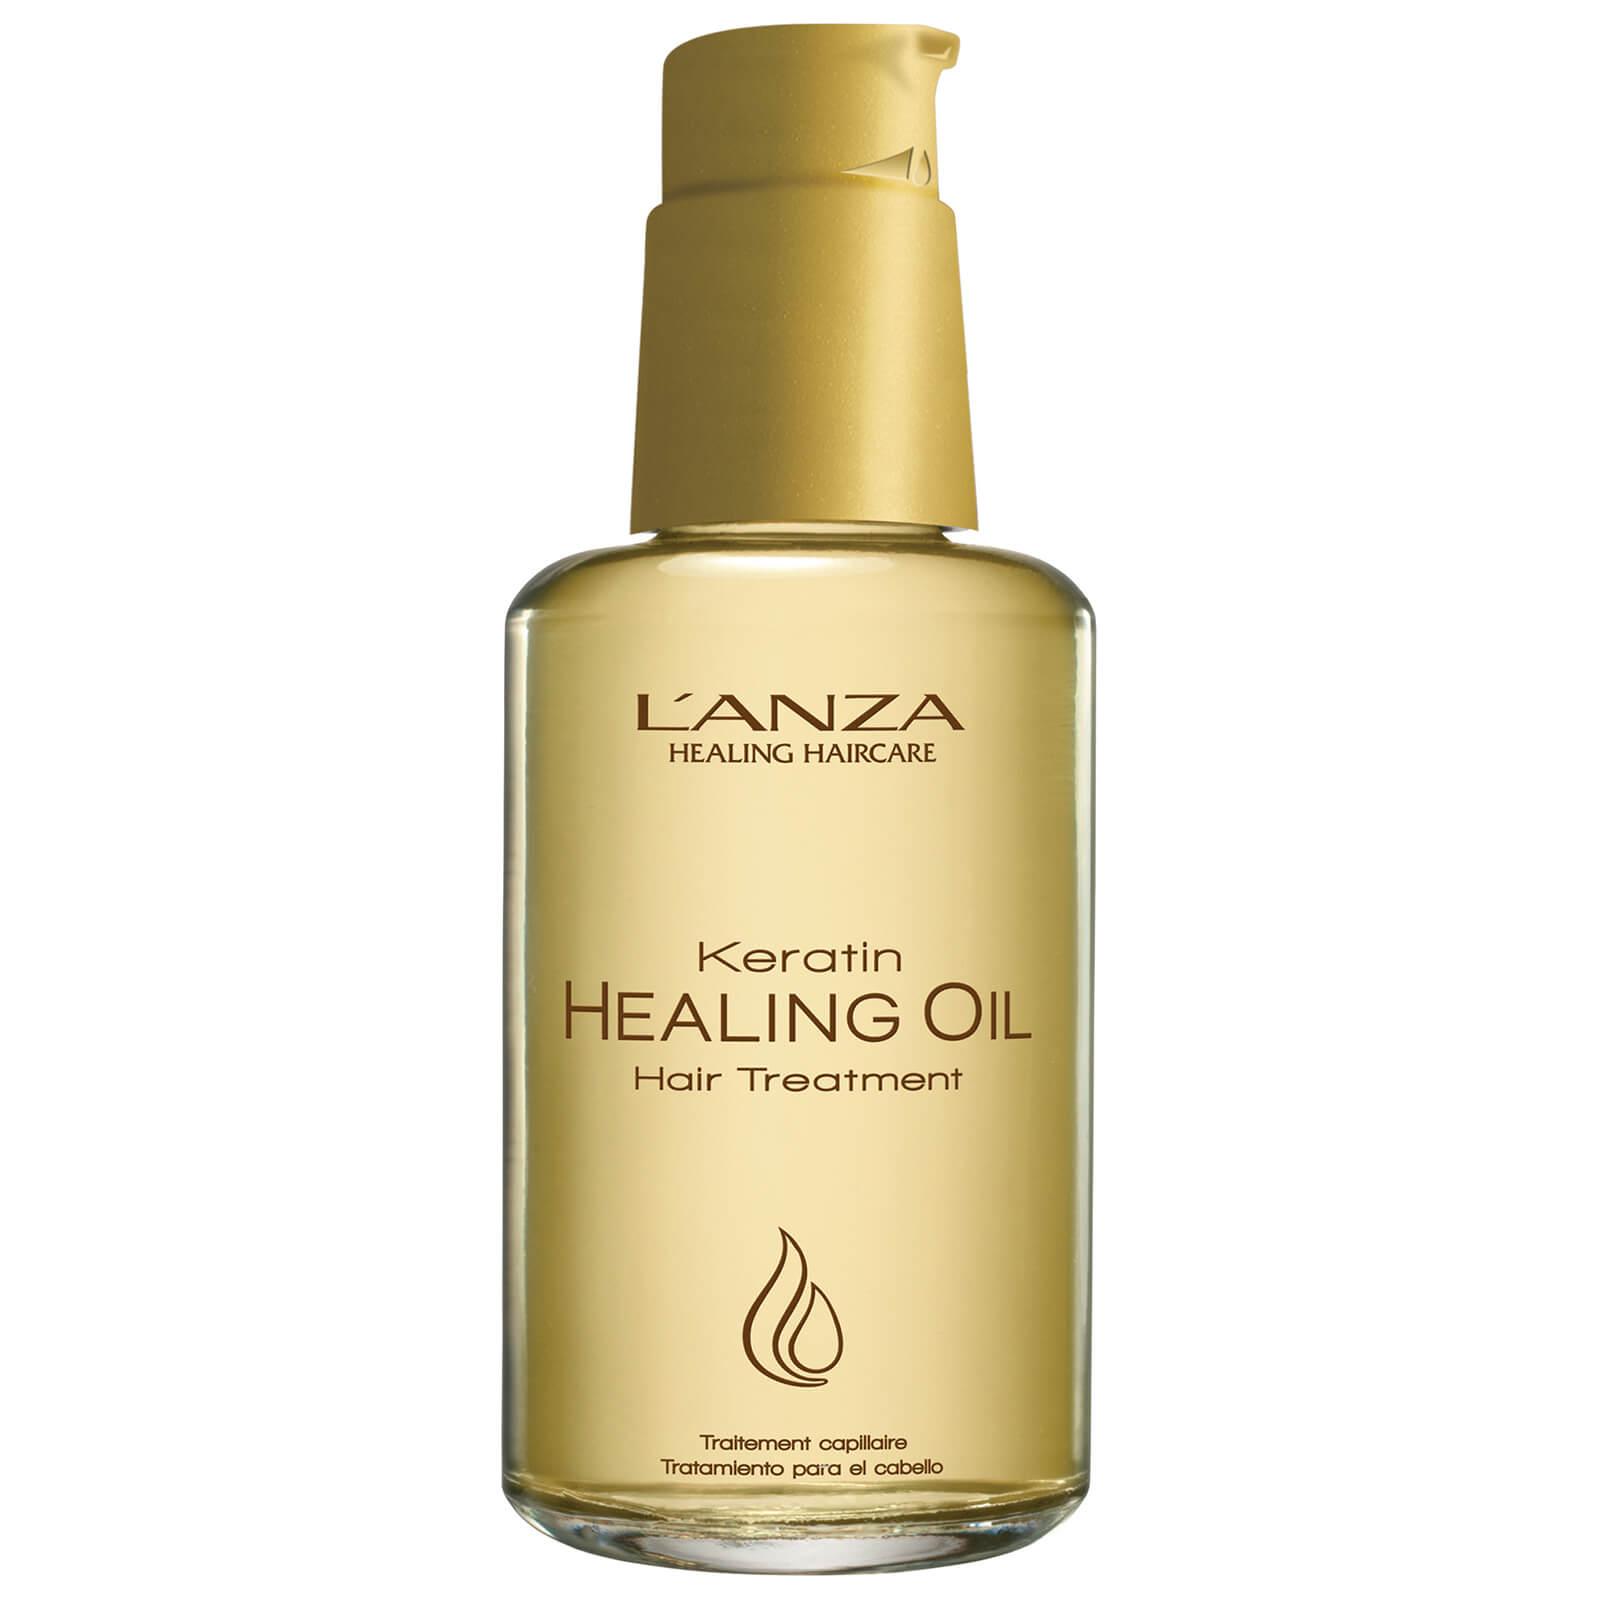 L'Anza Keratin Healing Oil Treatment (50ml)